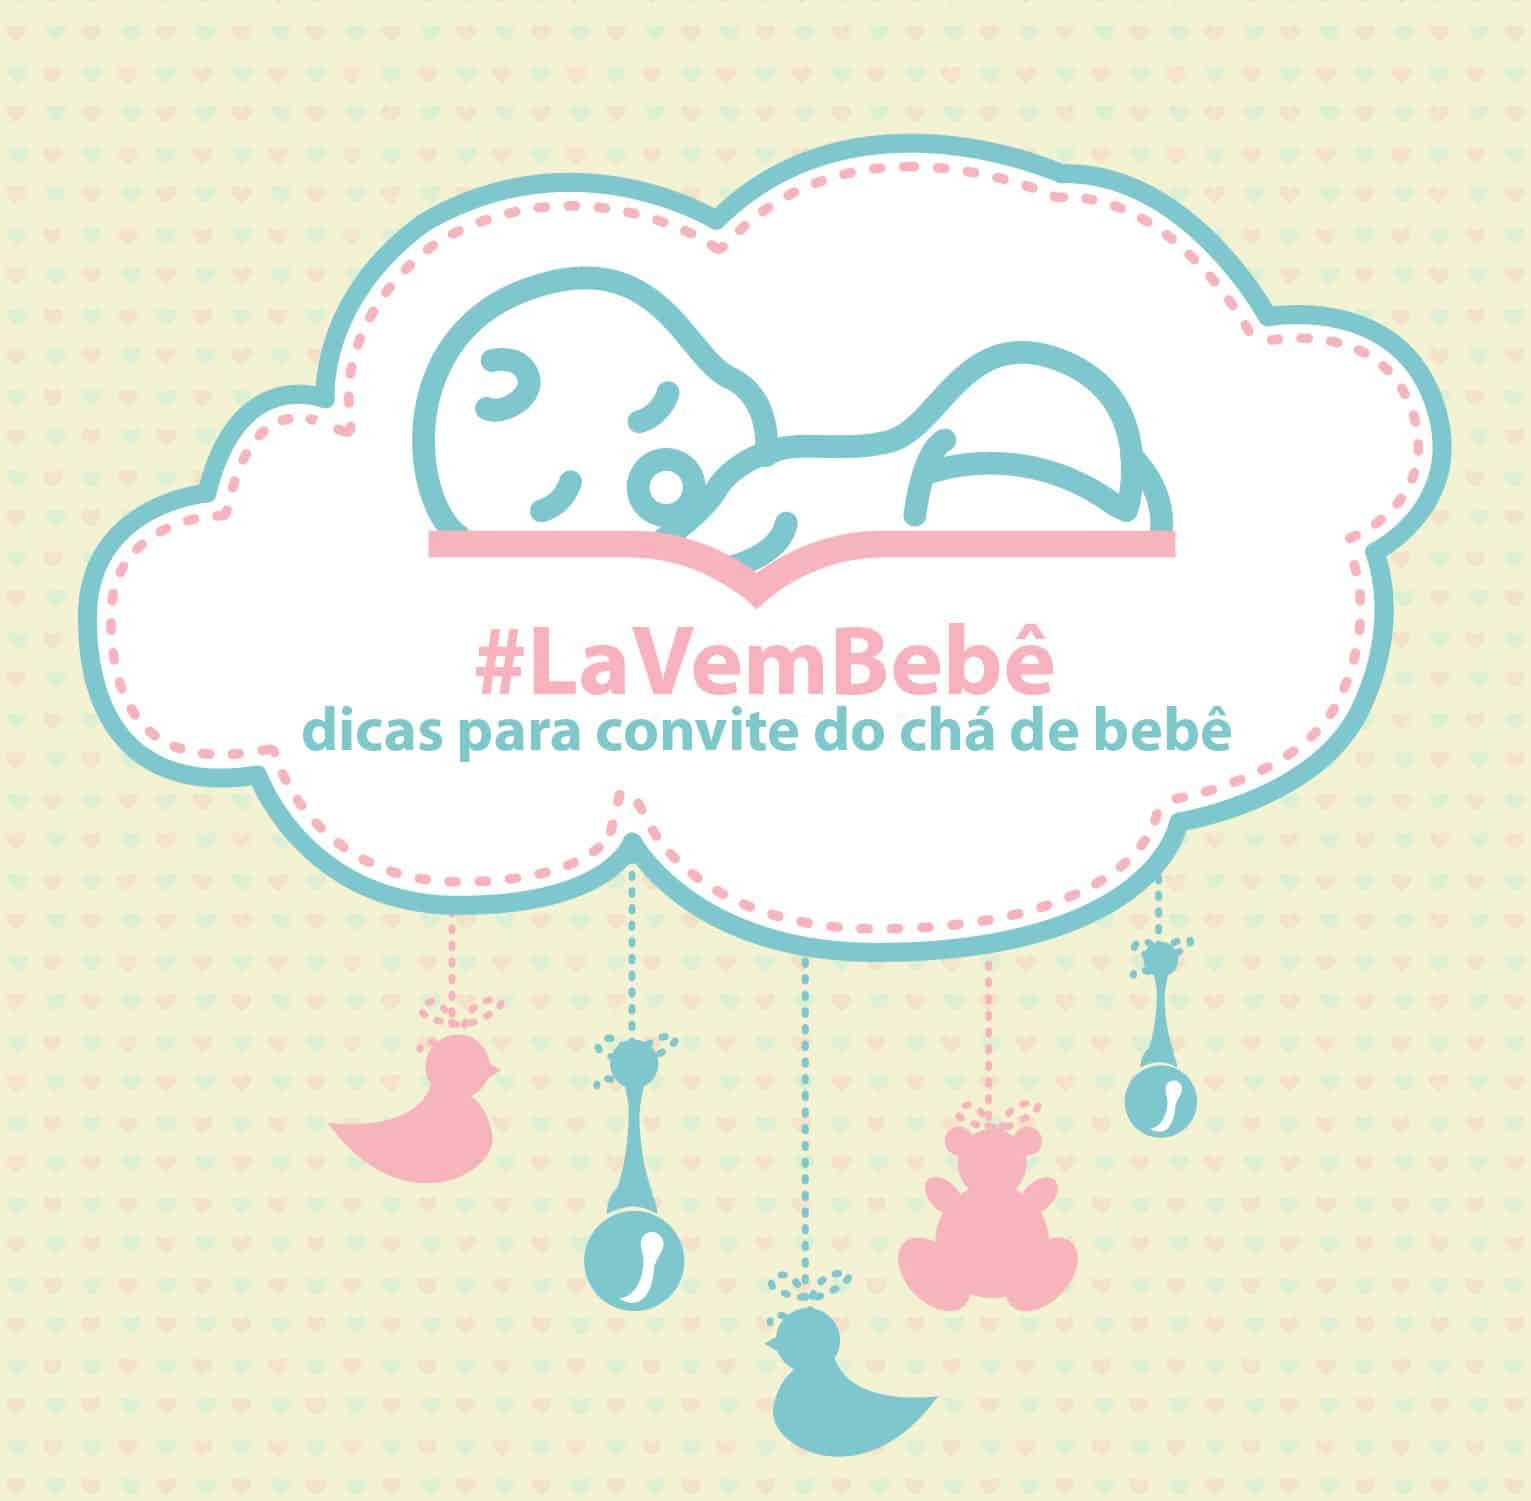 Convites Para Chá De Bebê Simples E Criativos Lá Vem Bebê